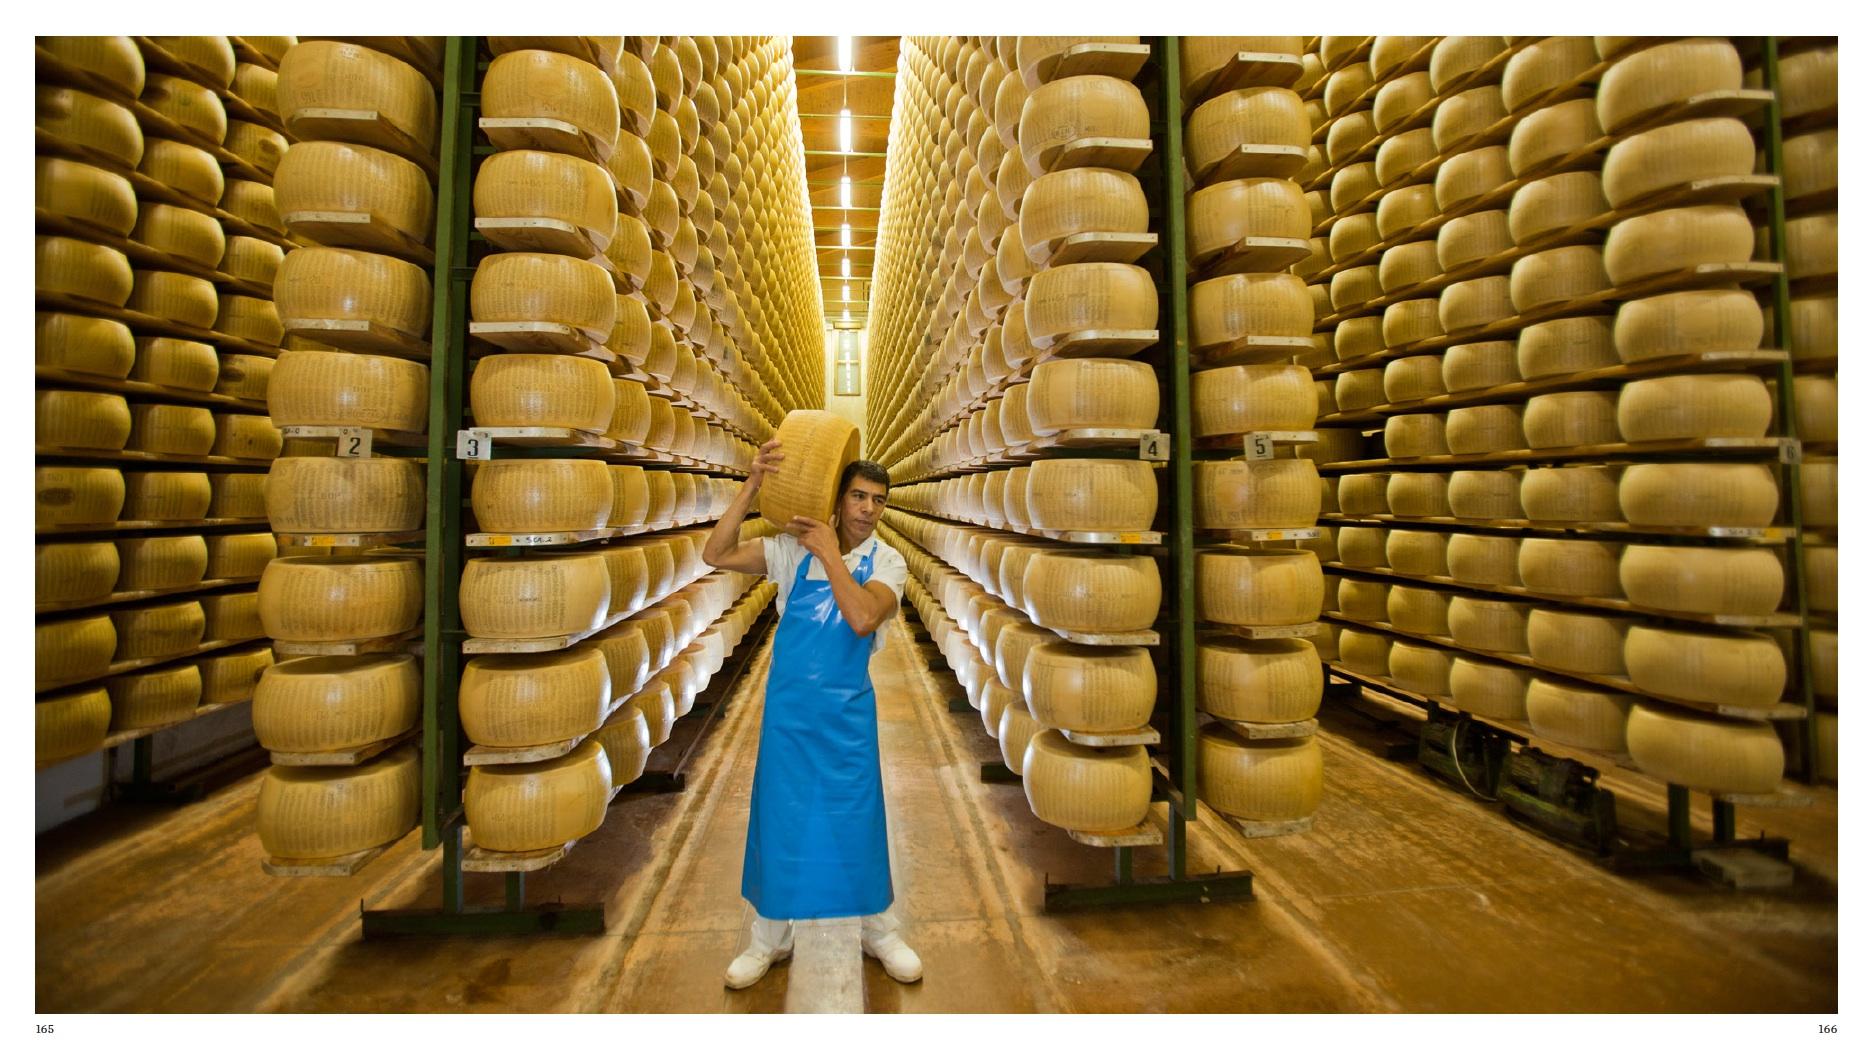 Parmesan Cheese producer, Latteria Sociale di Bagnolo in Reggia Emilia, Italy